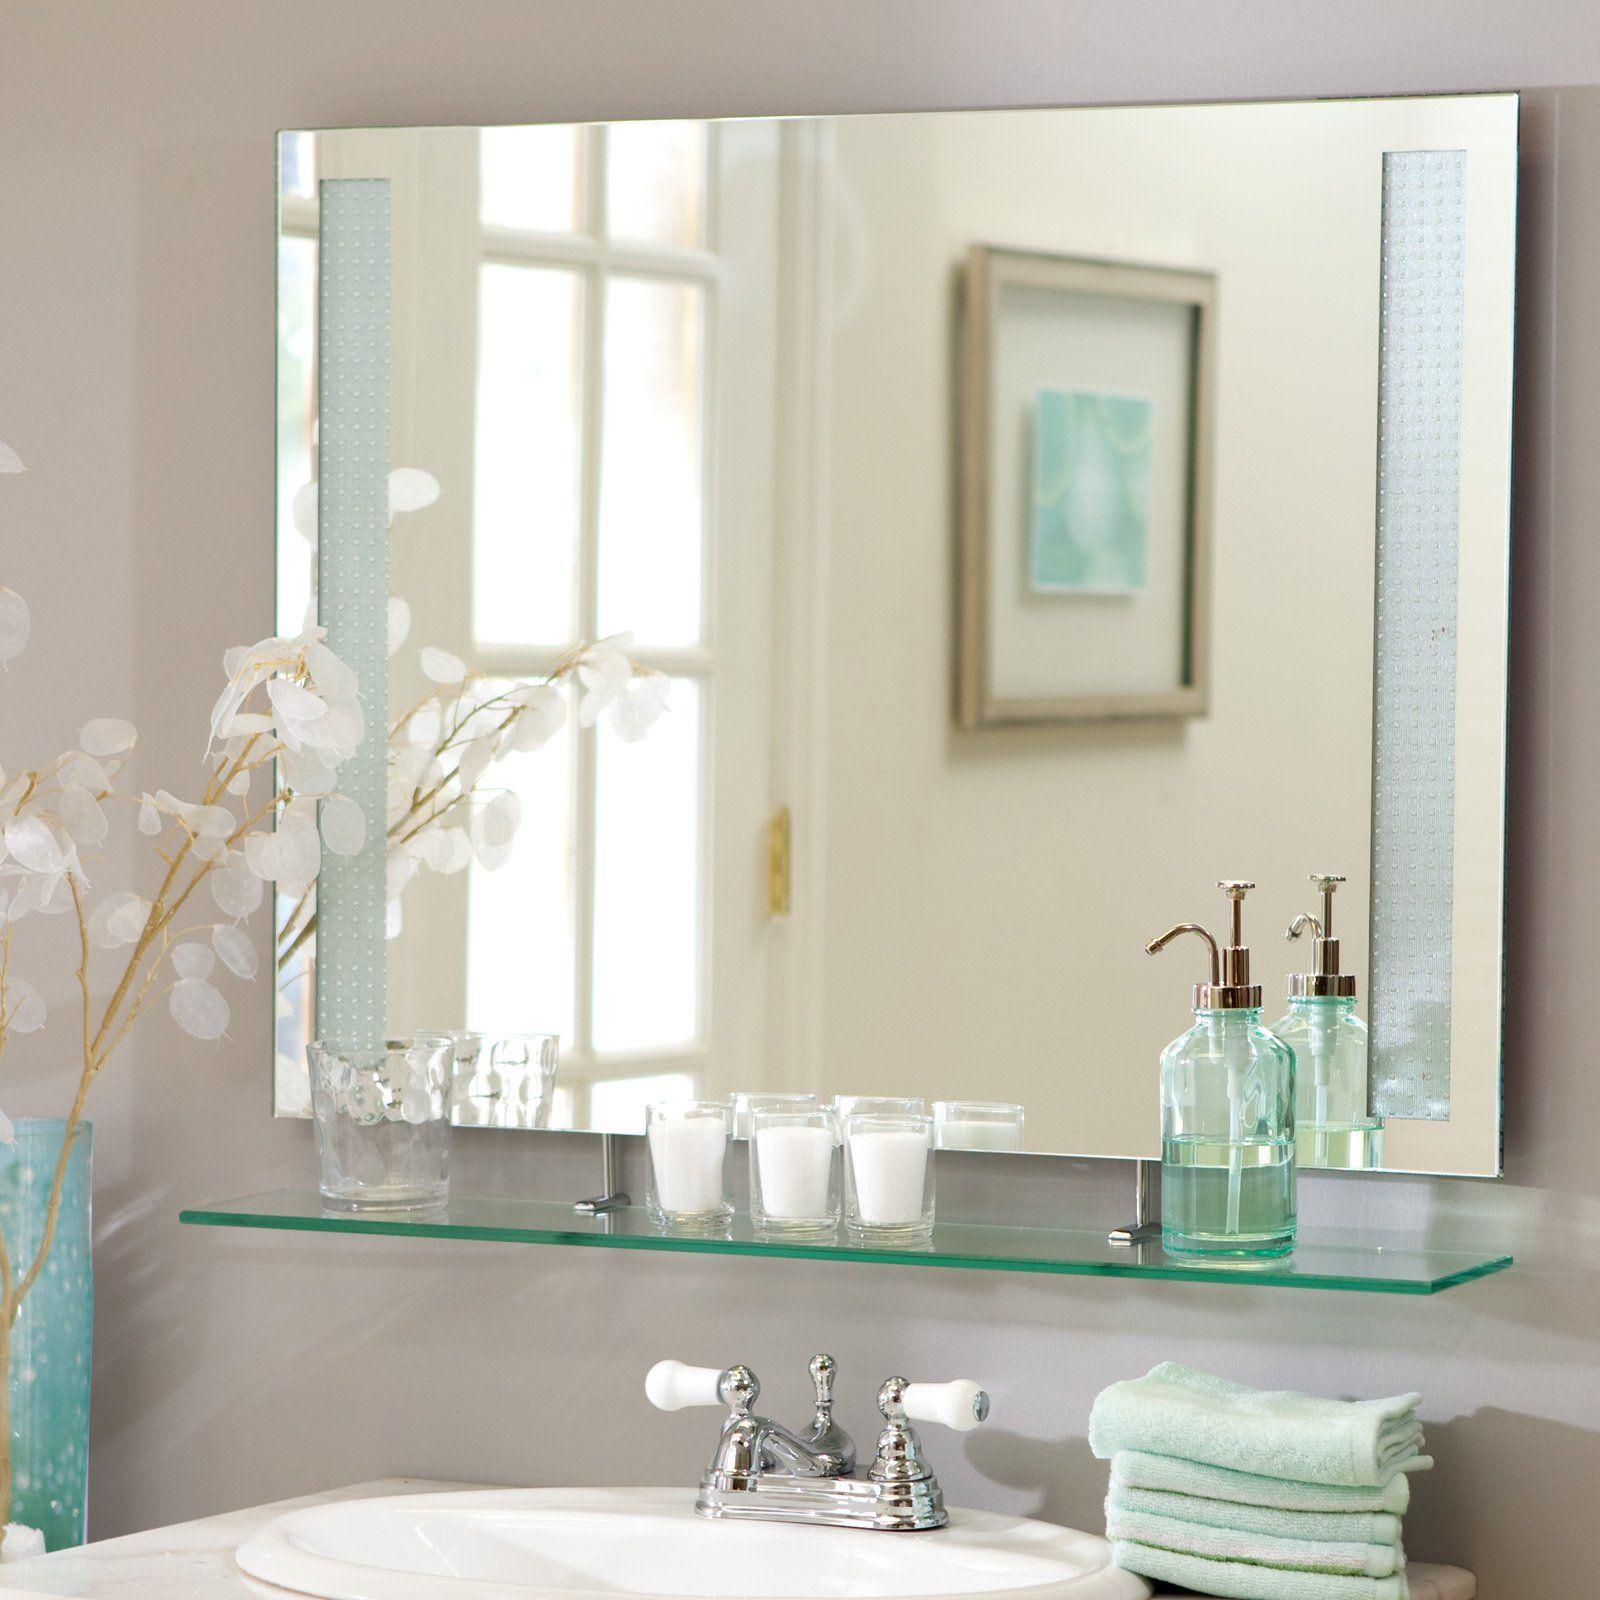 Décor Wonderland Frameless Roxi Wall Mirror with Shelf - 31.5W x ...